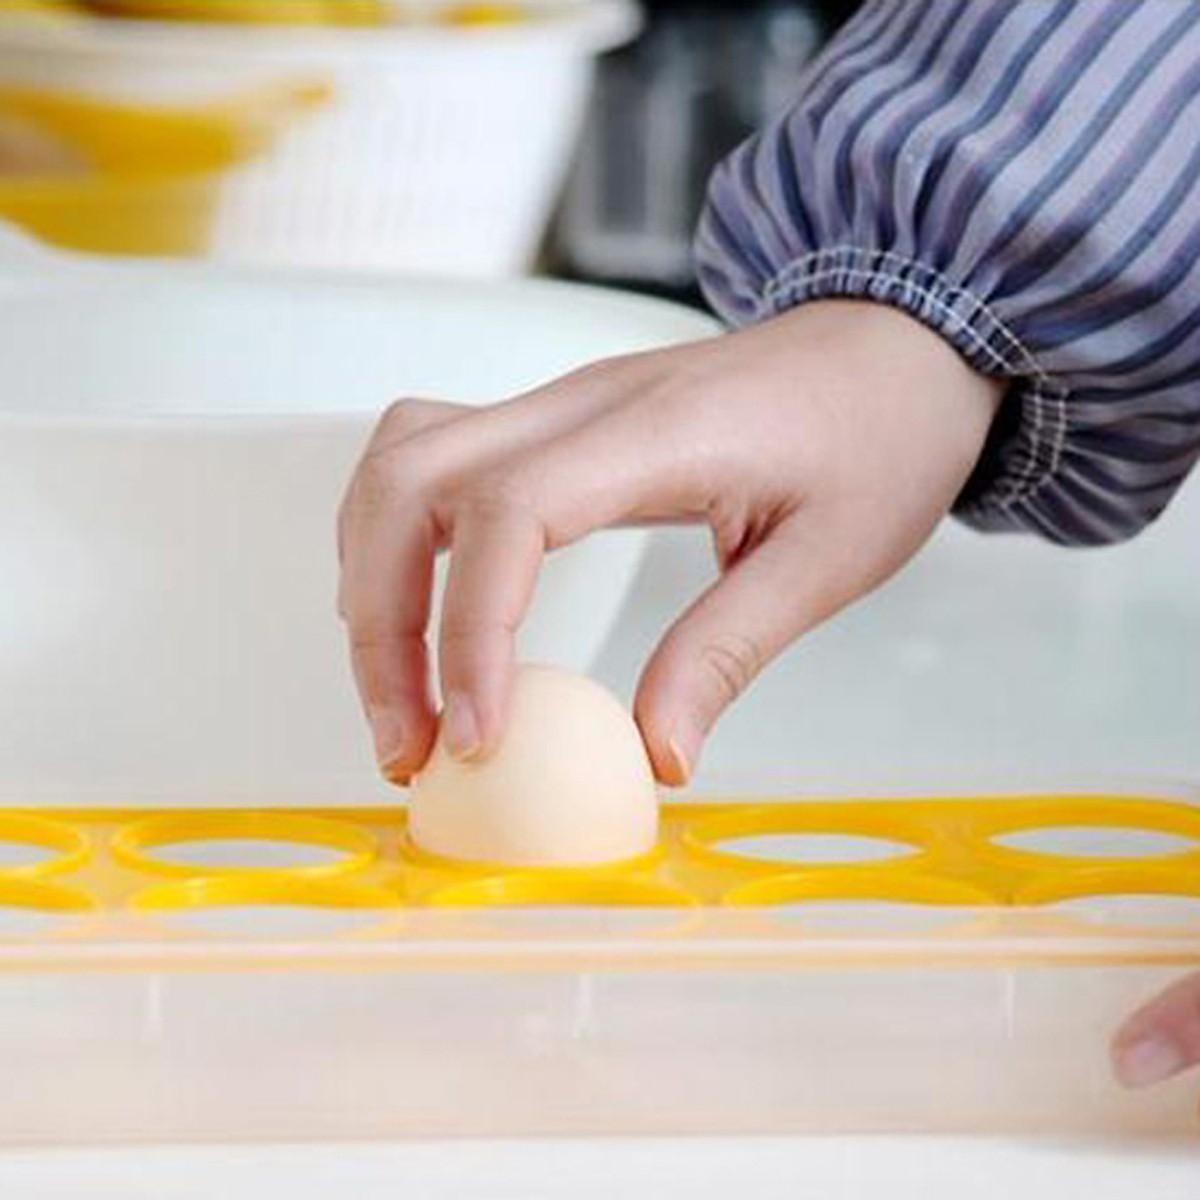 Khay Đựng Trứng chia 10 Ngăn có Nắp  Đậy Nhật Bản